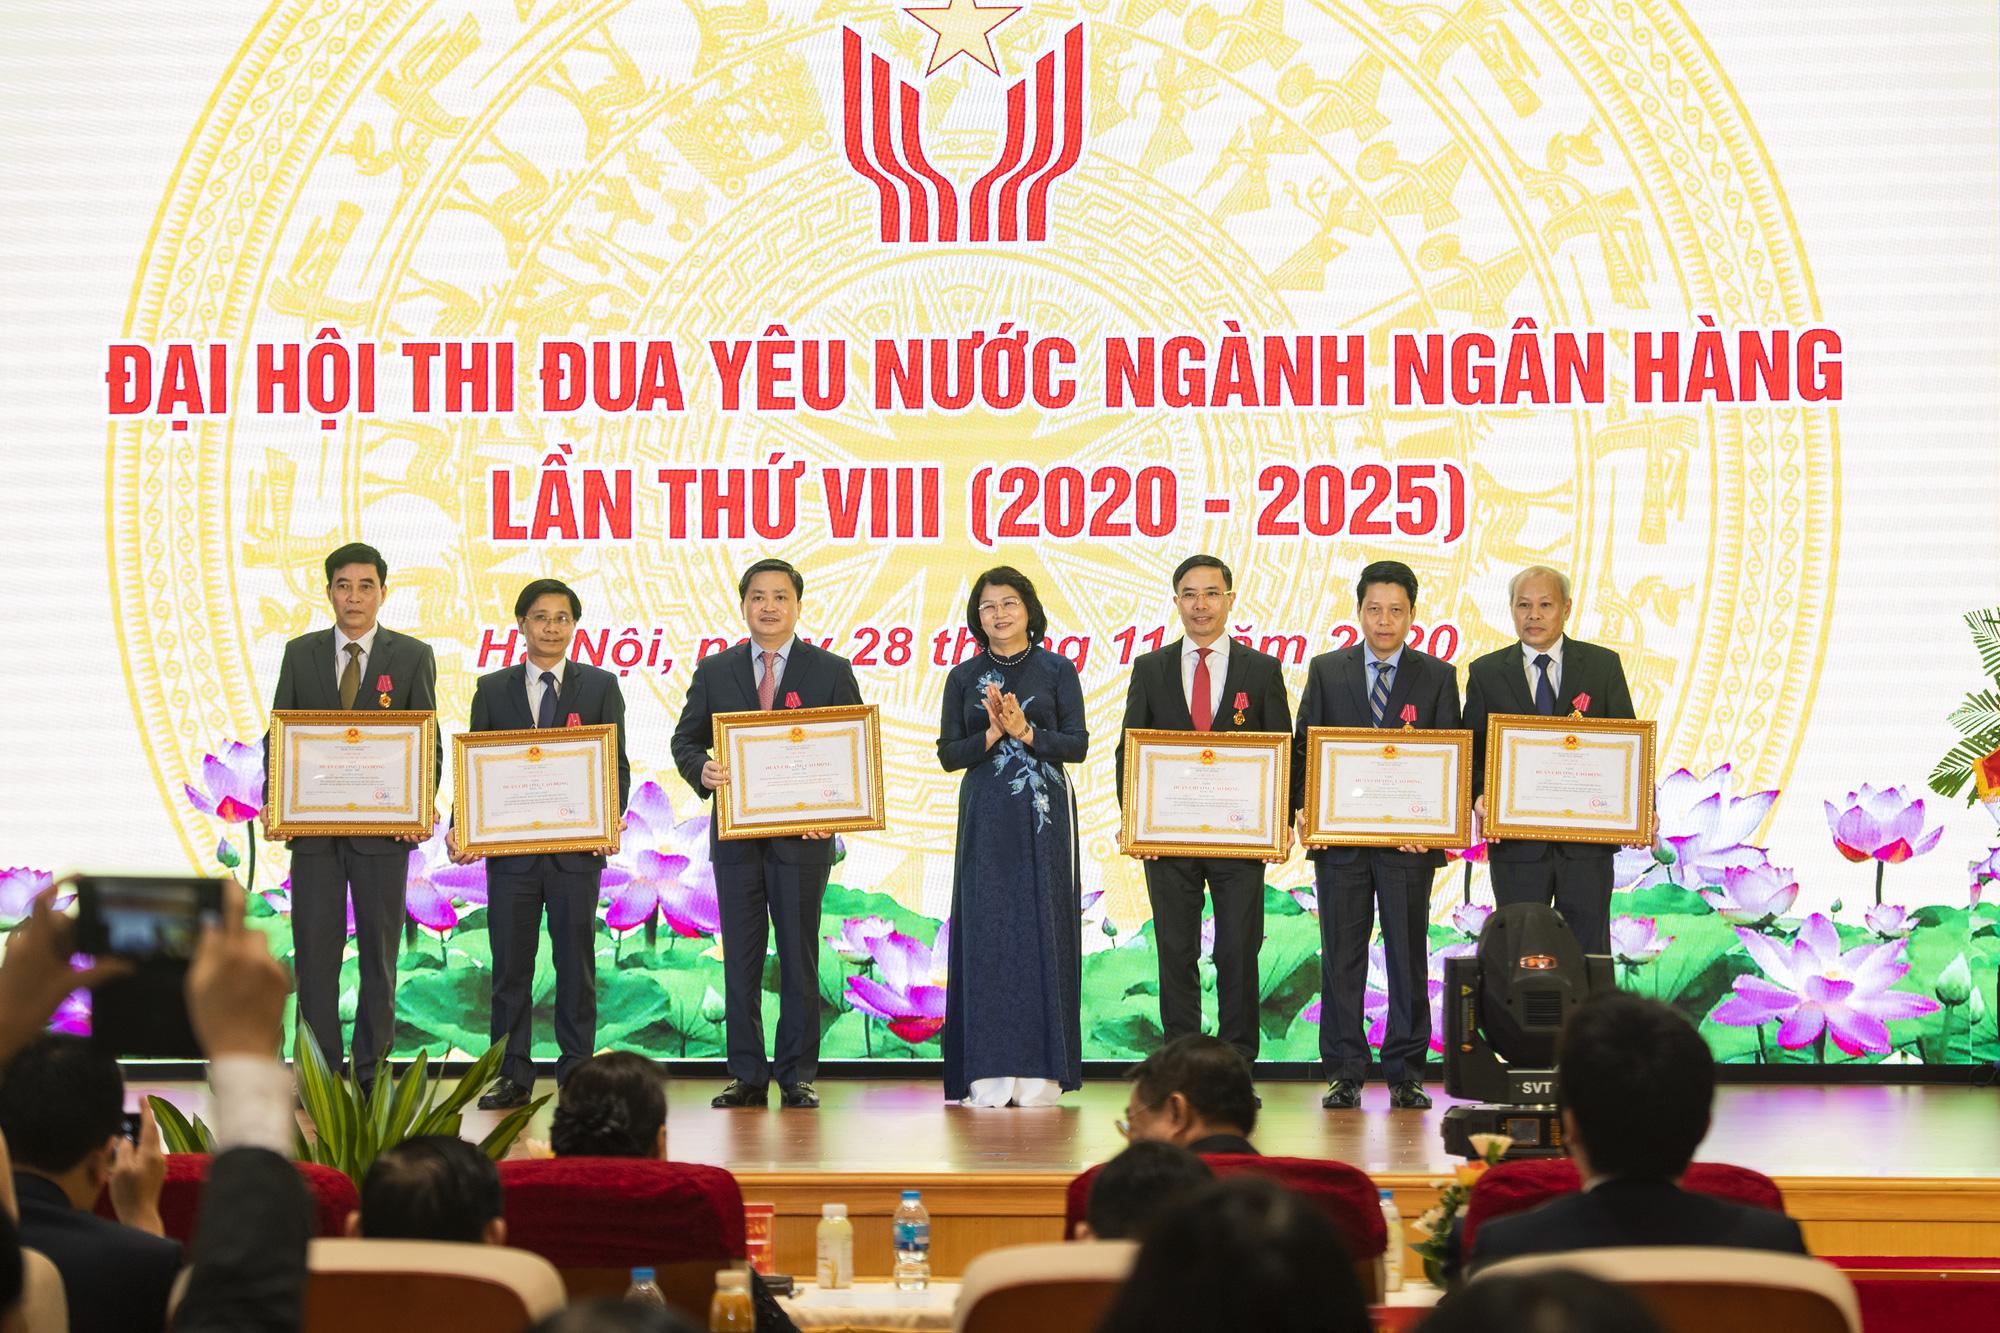 """Chủ tịch Quốc hội Nguyễn Thị Kim Ngân: """"Nhiệm vụ của ngành ngân hàng còn rất nặng nề"""" - Ảnh 3."""